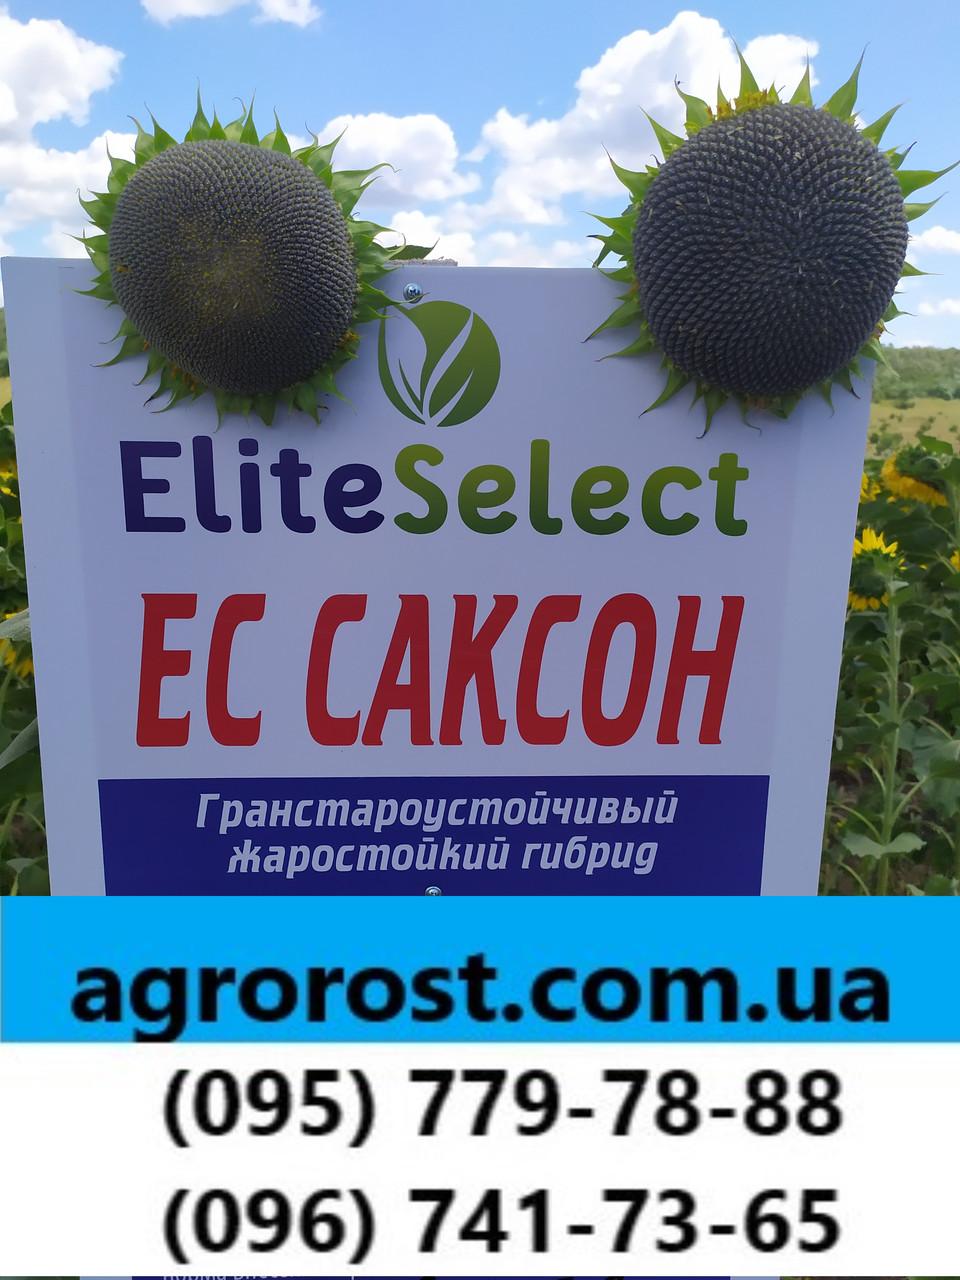 Гибрид ЕС Саксон устойчивый к семи расам заразихи A-G. Семена подсолнечника ЕС Саксон урожайные 42ц. Стандарт